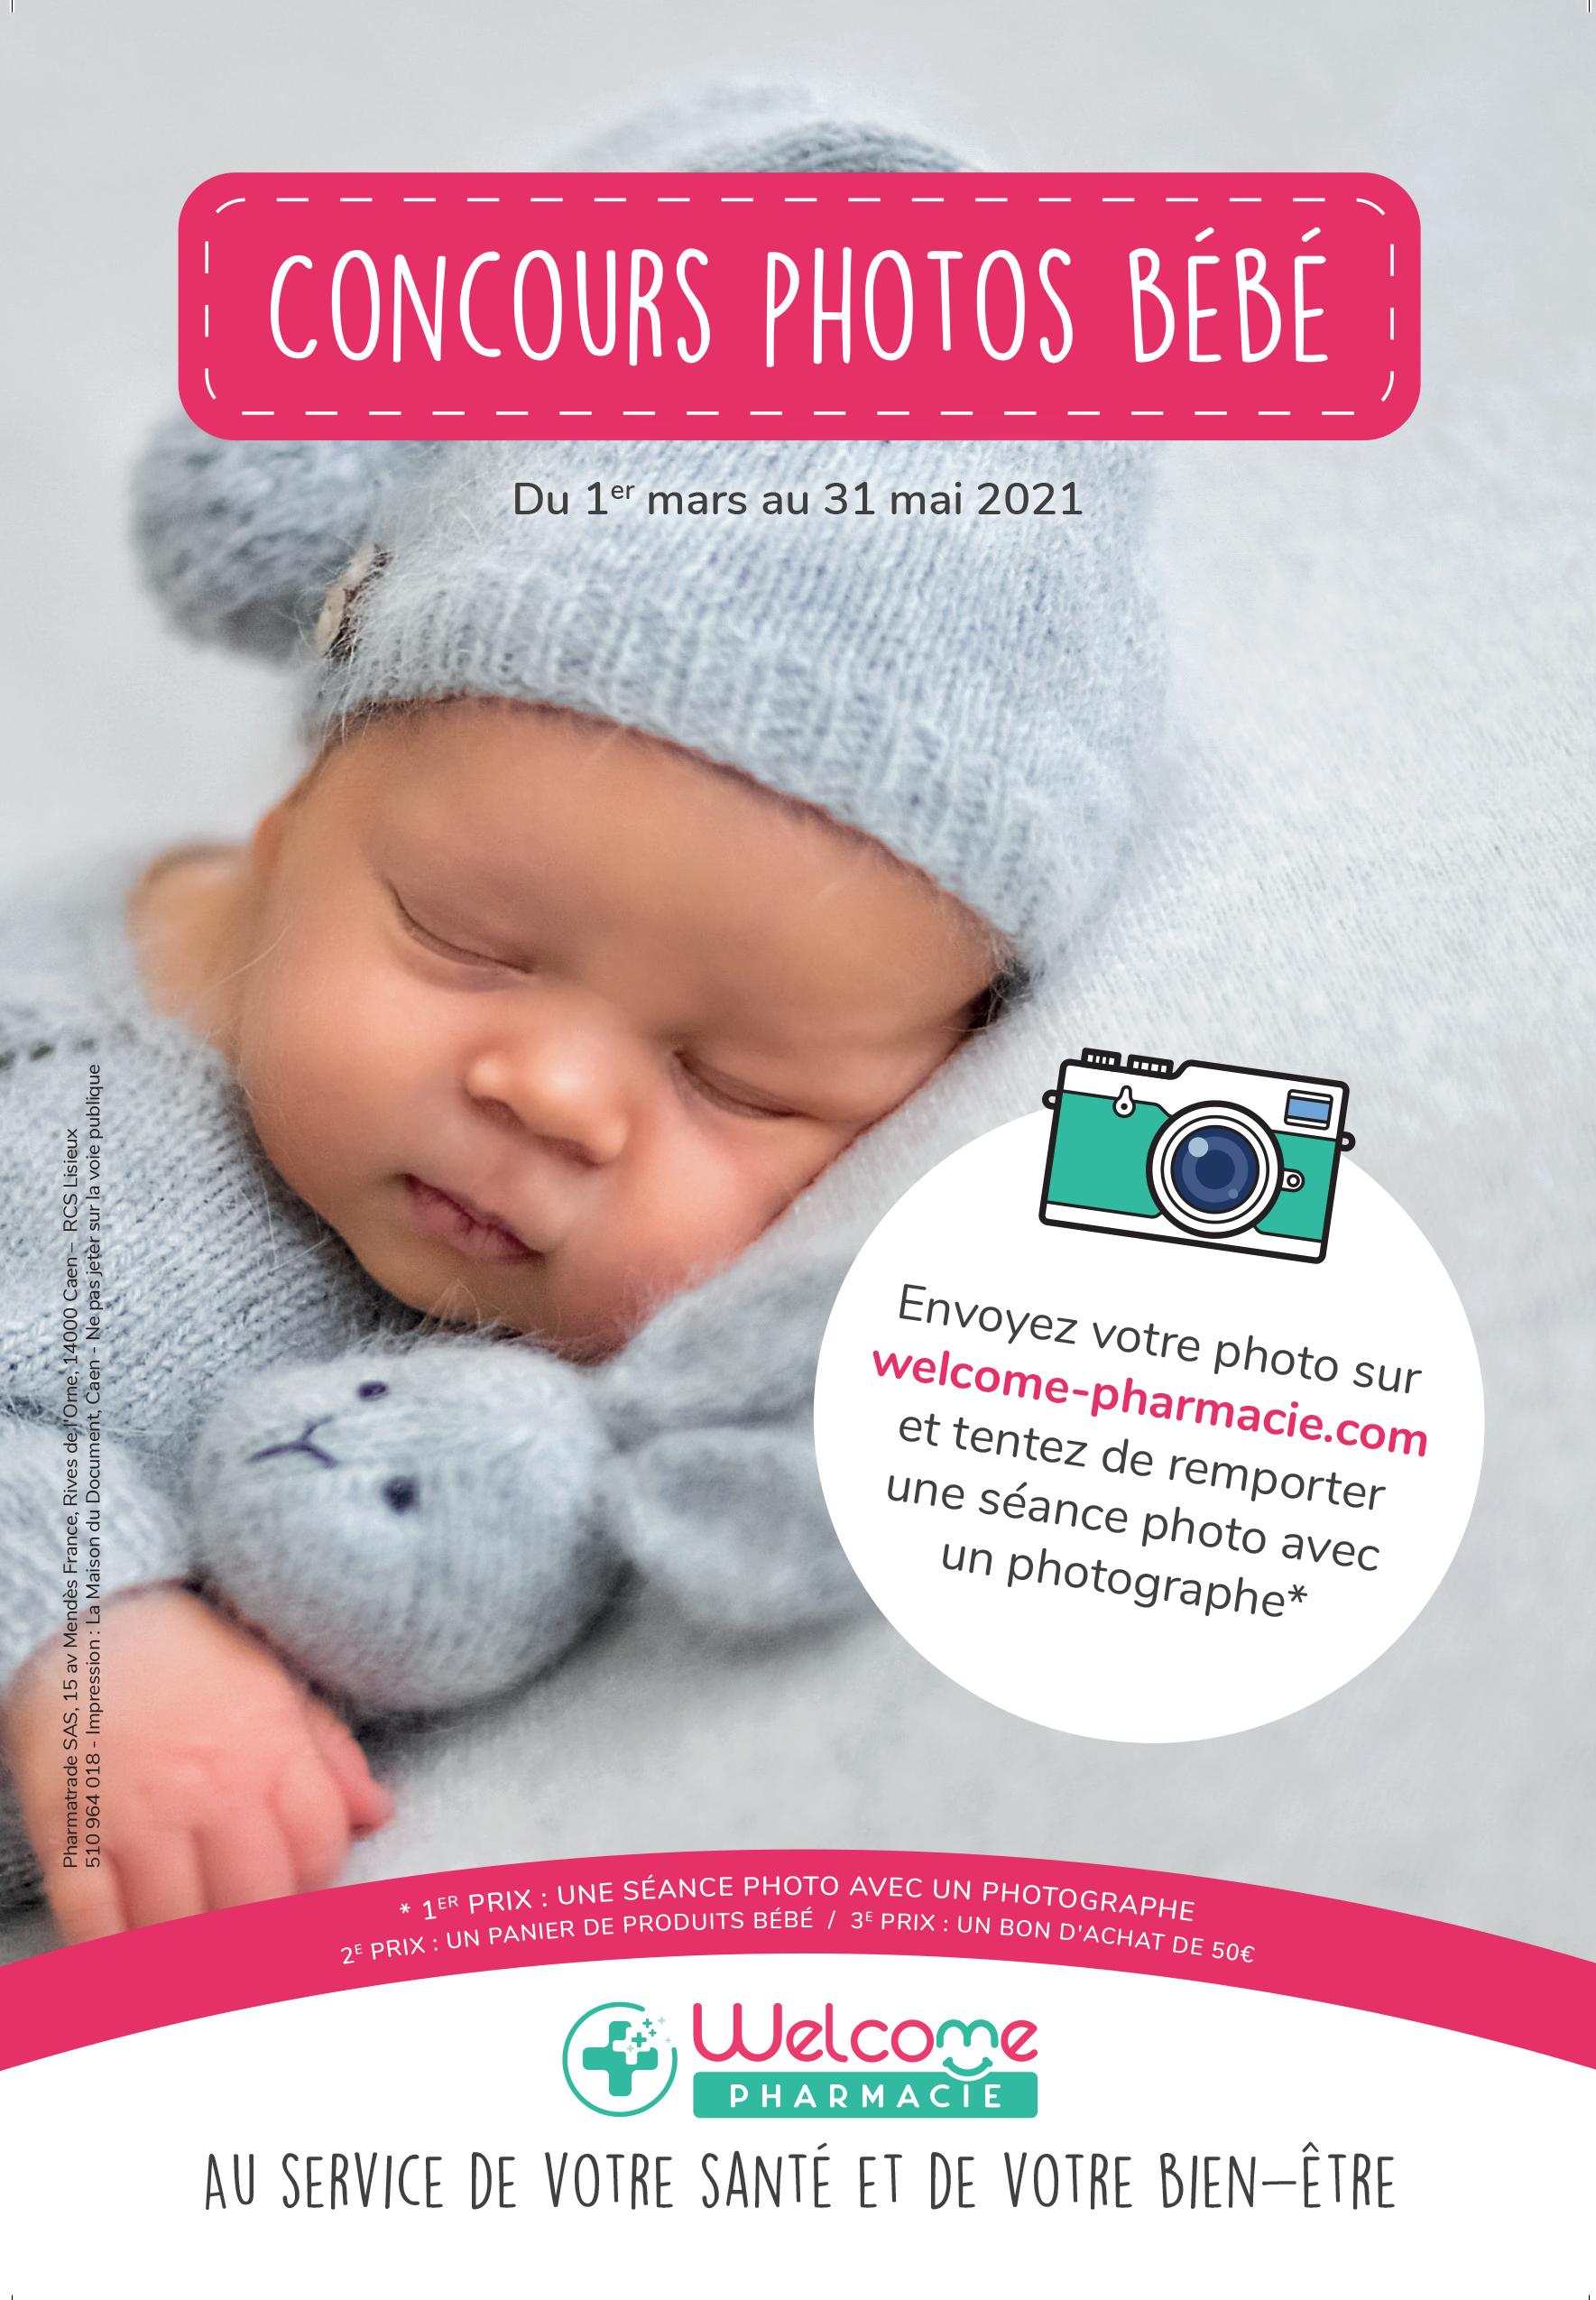 Concours photos bébé